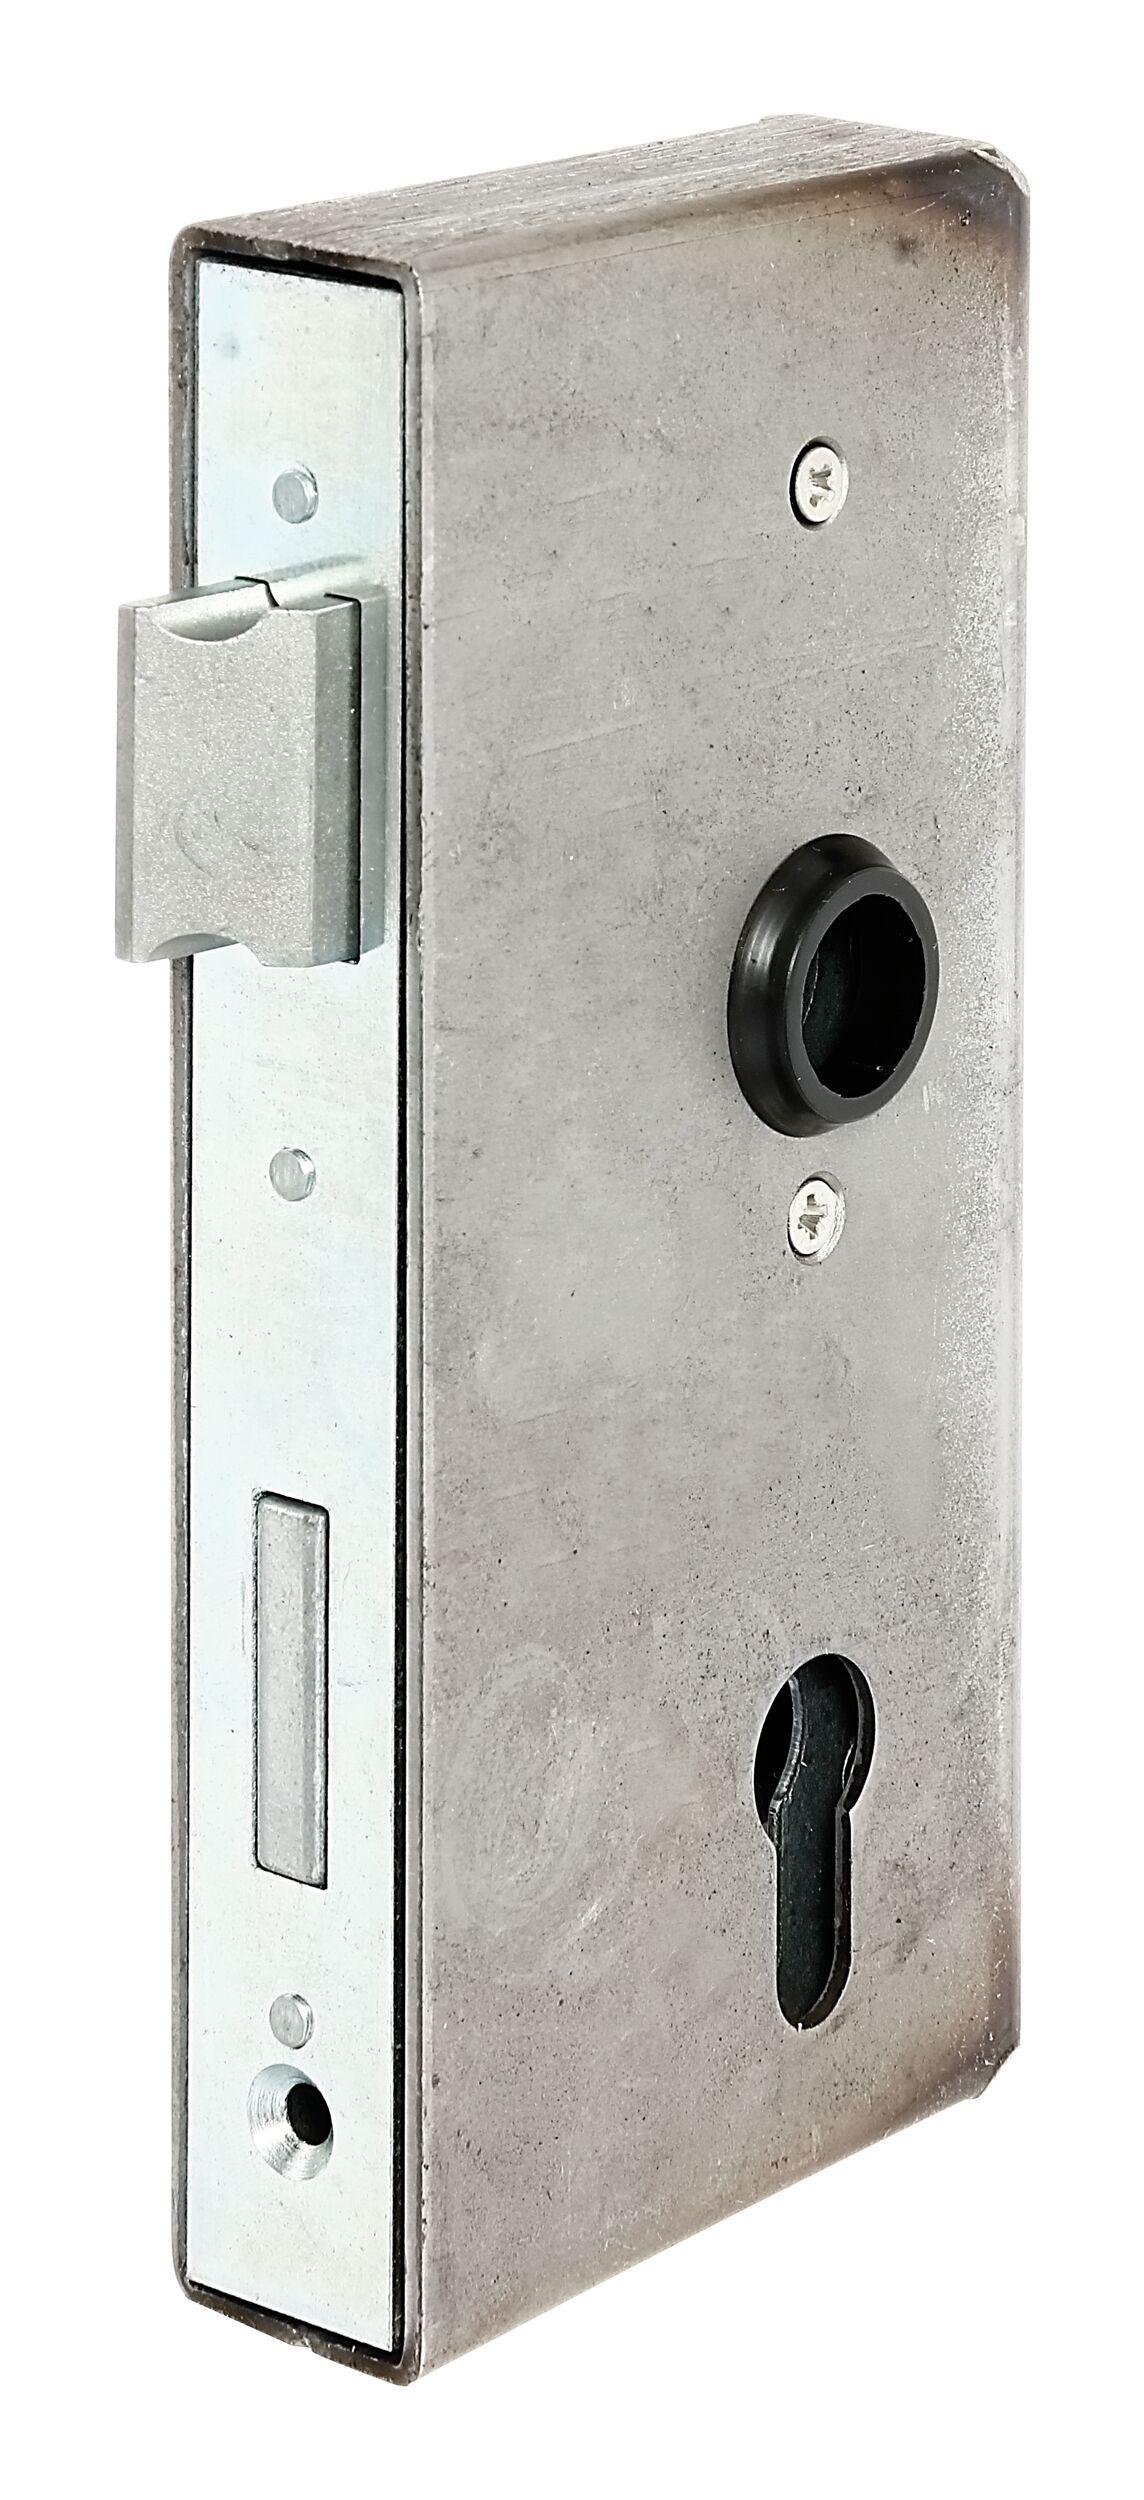 Dornma/ß 65mm Stulp: 22x280mm eckig DIN Rechts incl SN-TEC/® Montageset BKS Haust/ürschloss//T/ürschloss f/ür Profilzylinder Entfernung: 92mm